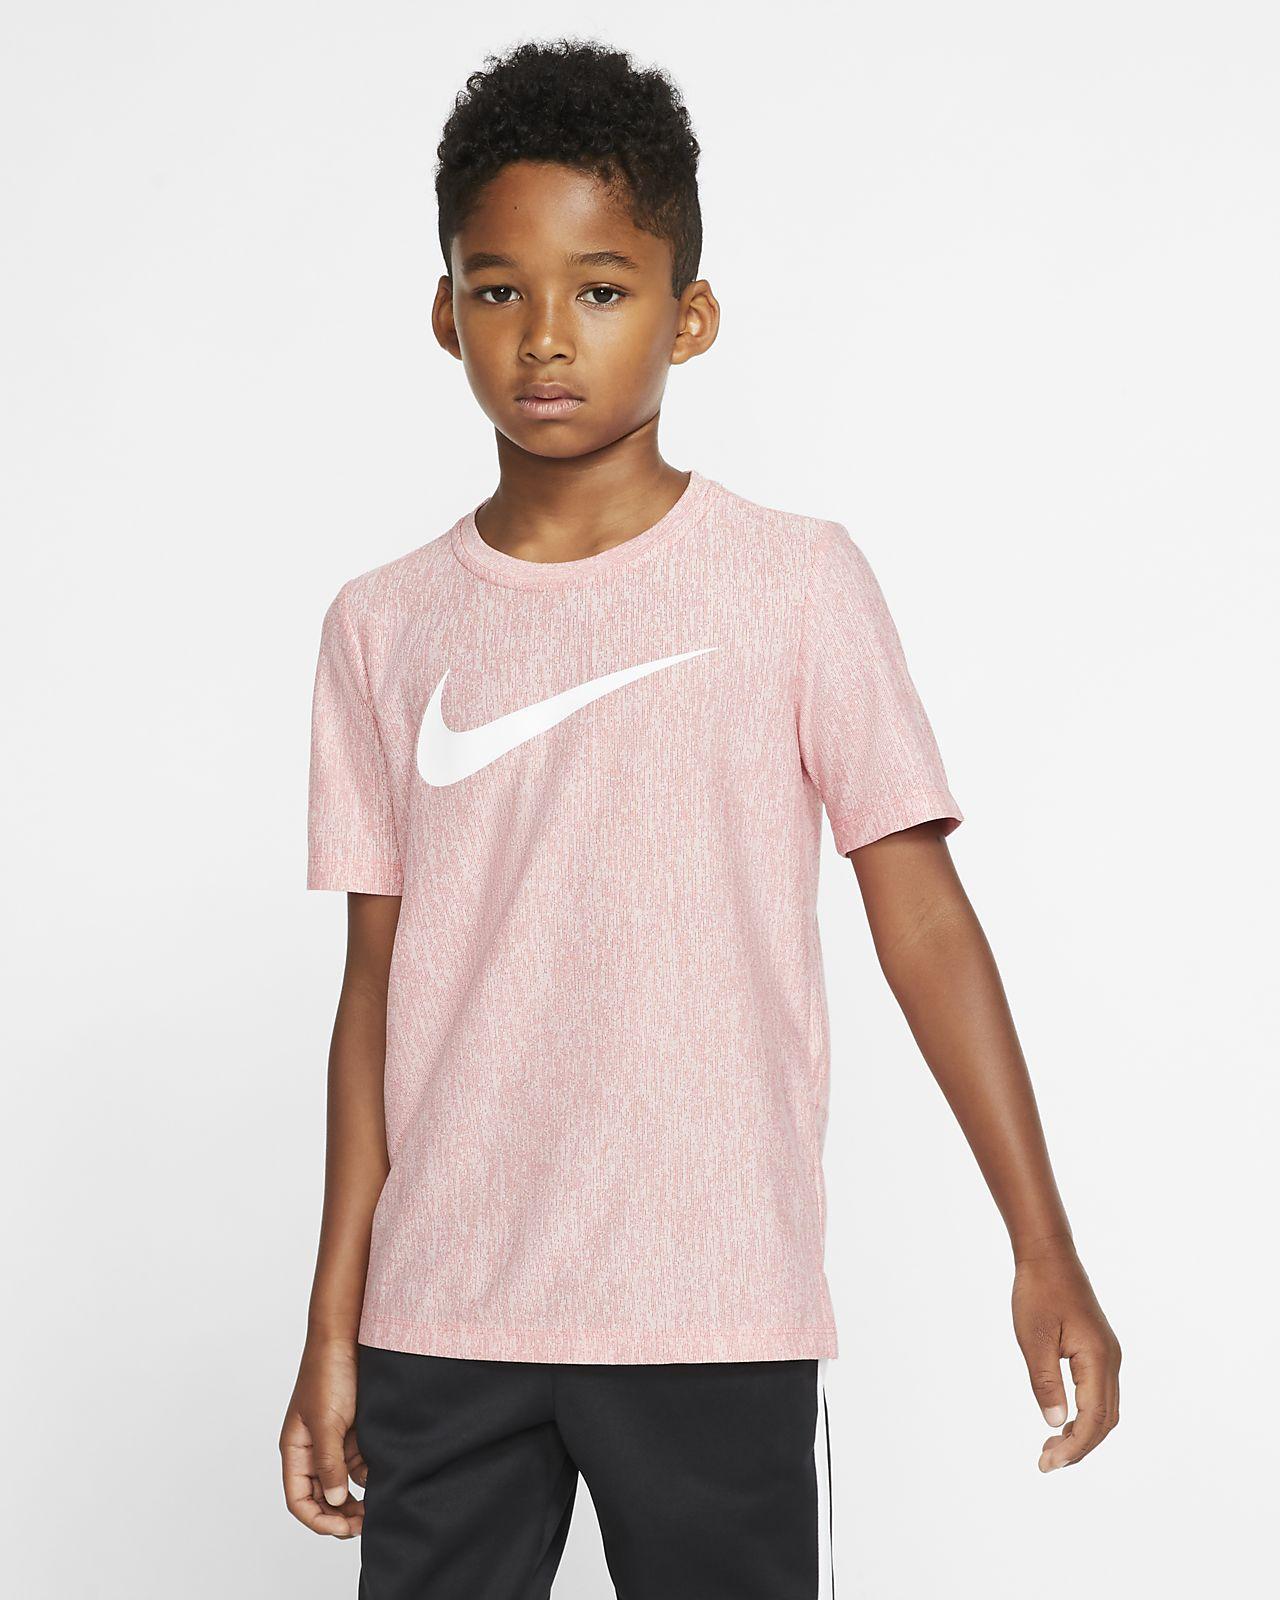 haut manches courtes Nike Dri Fit Training vêtements pour